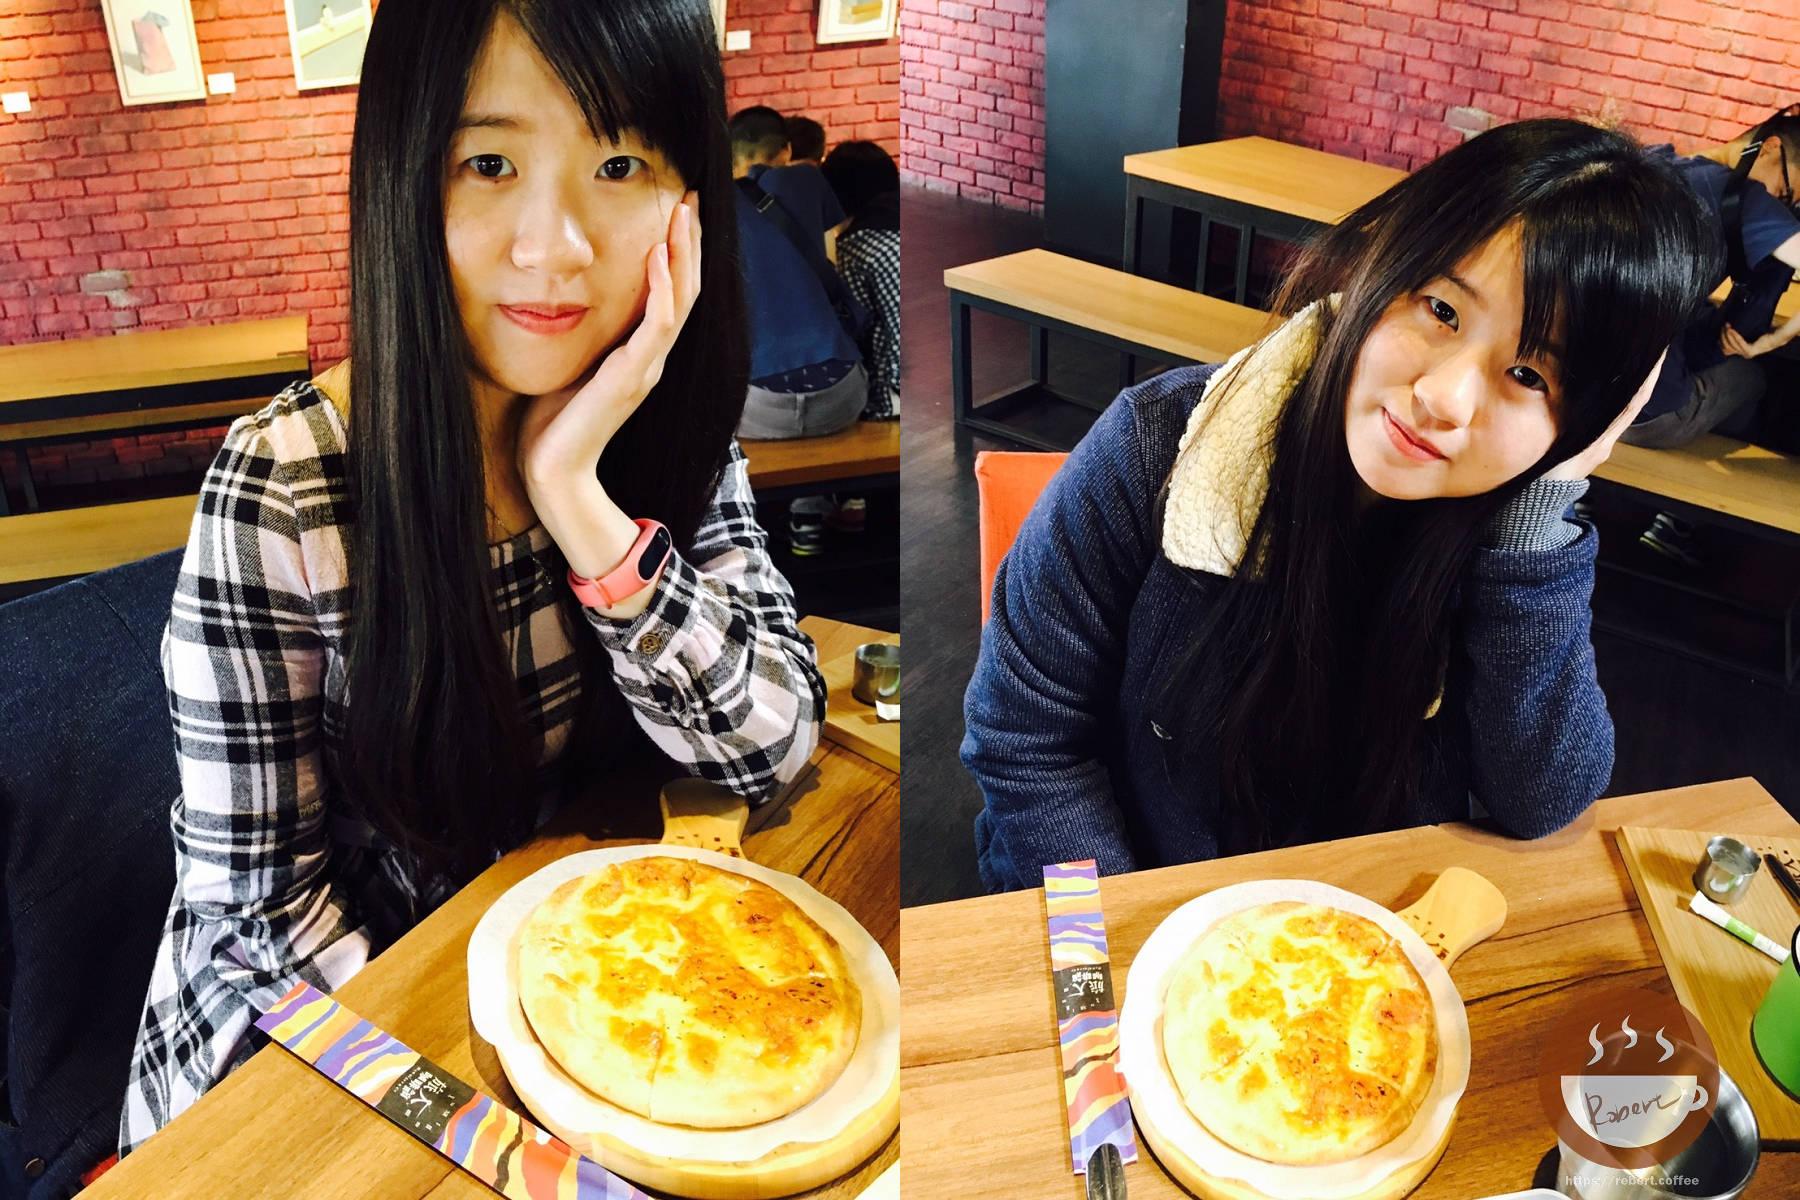 旅人咖啡館│龍潭簡餐咖啡廳推薦,聚餐聊天好地方,平價餐點好吃,還有超便宜的冰滴咖啡! 32